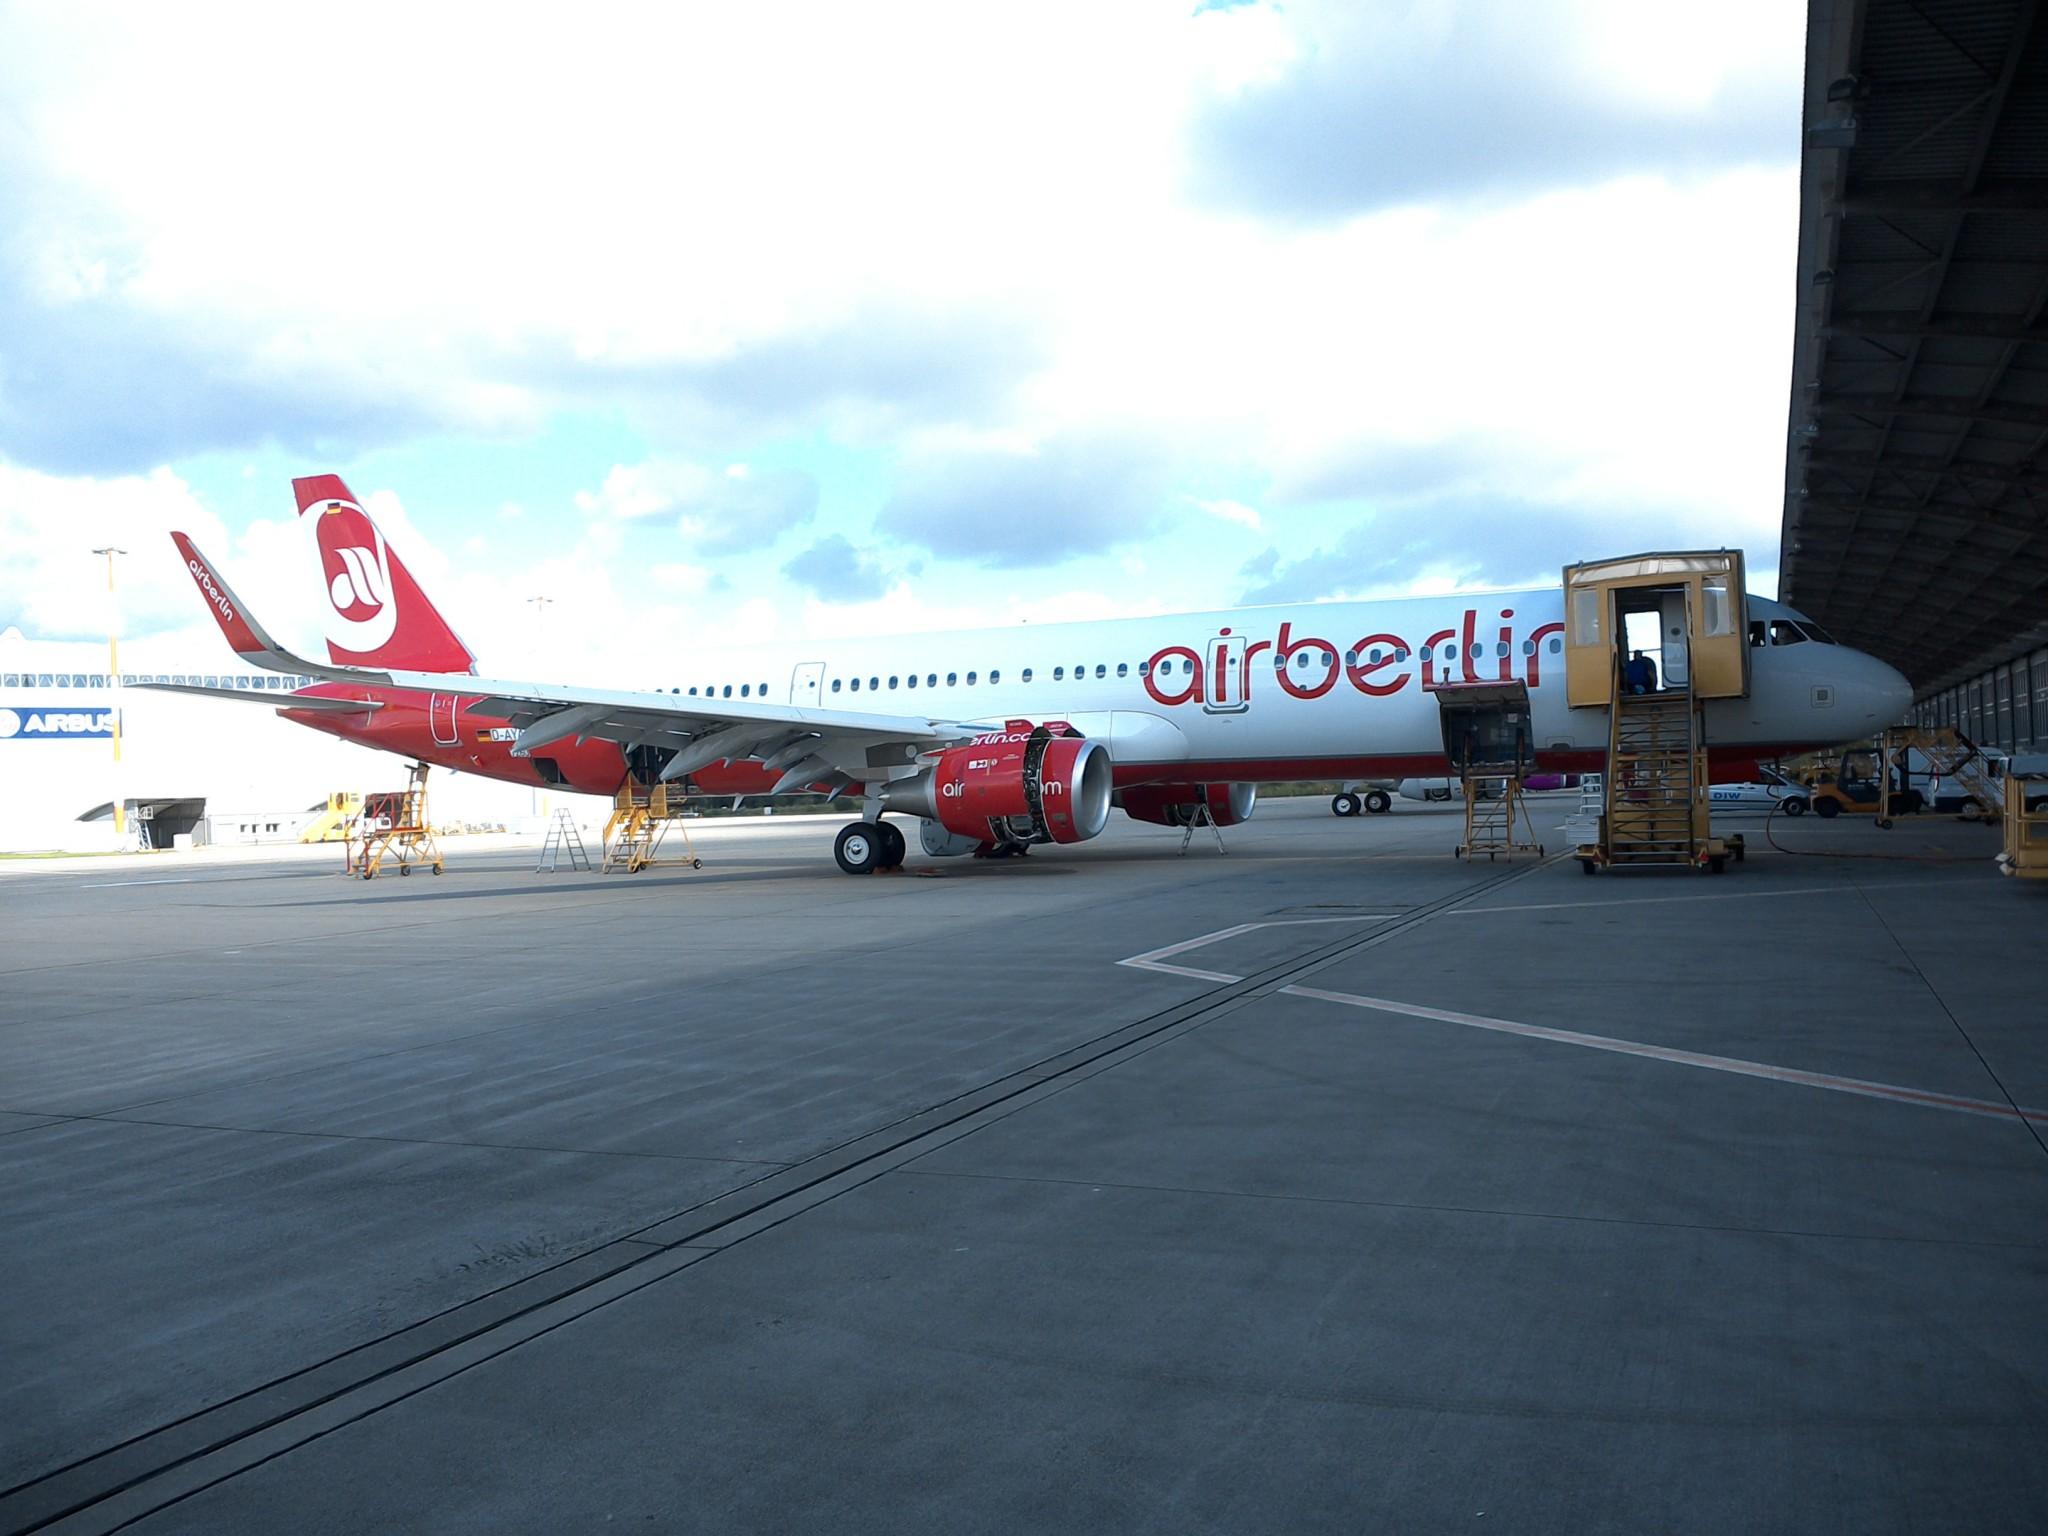 Air Berlin A321-200